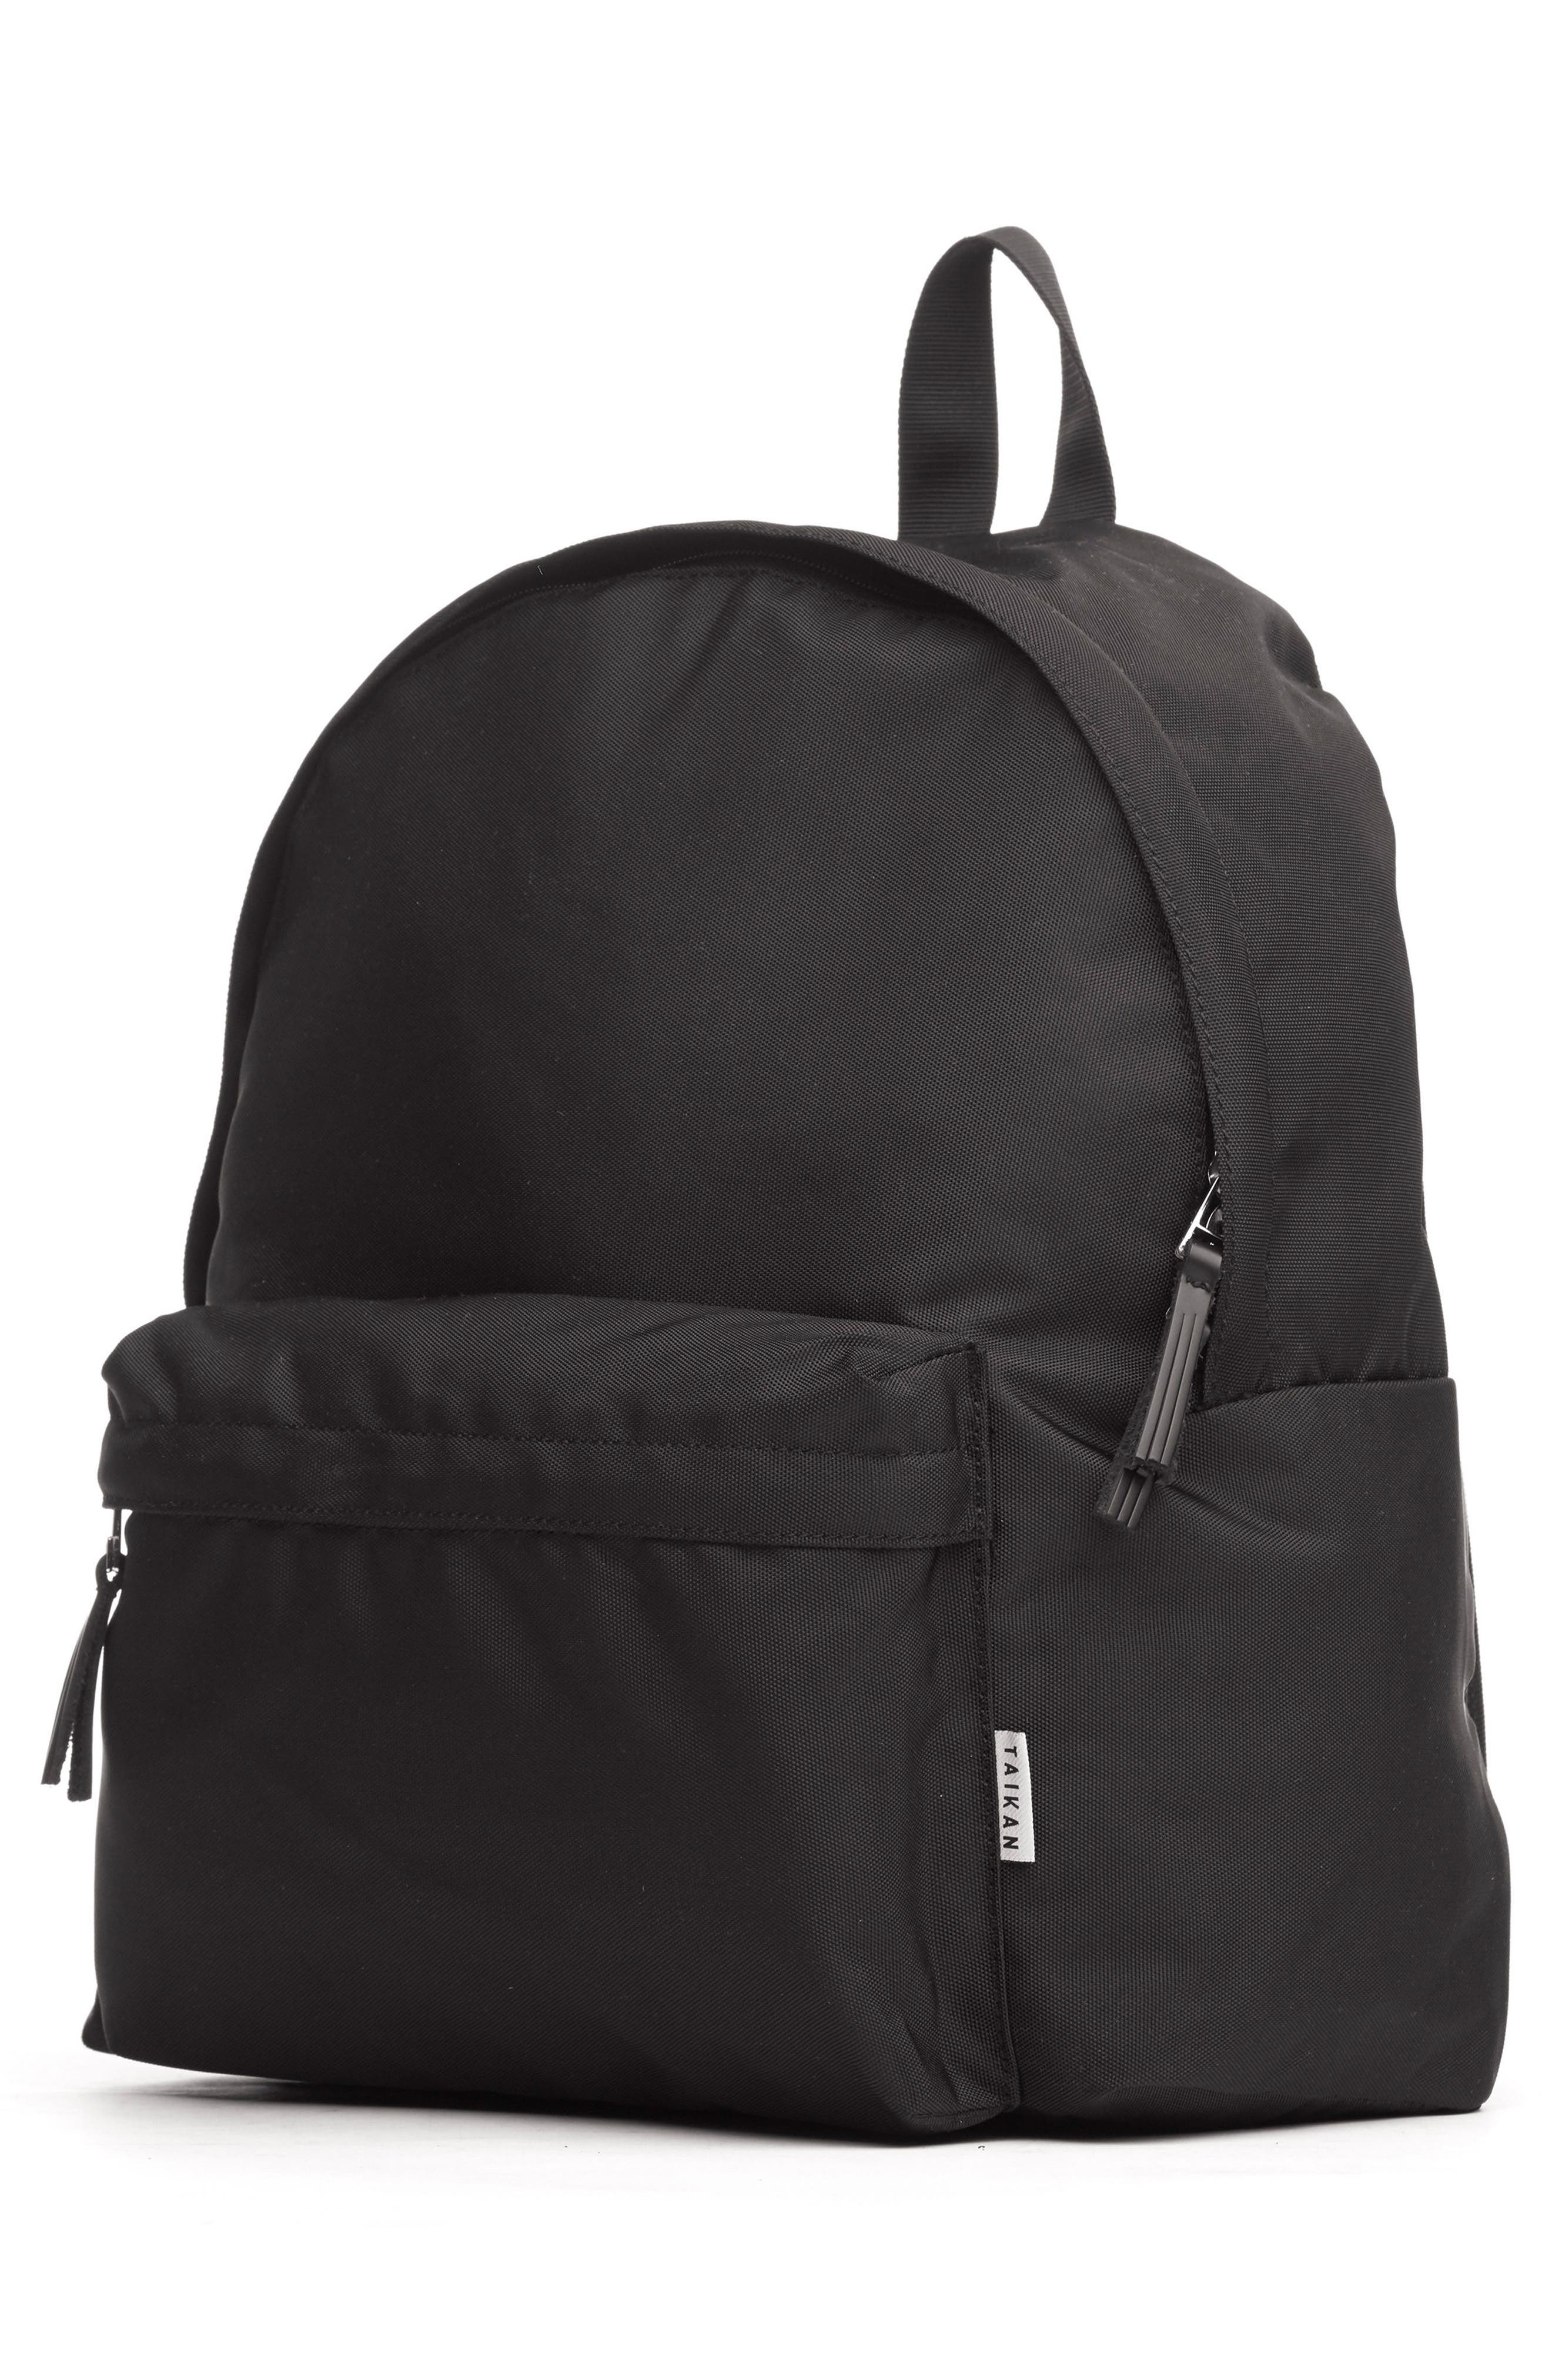 Hornet Backpack,                             Alternate thumbnail 3, color,                             MATTE BLACK